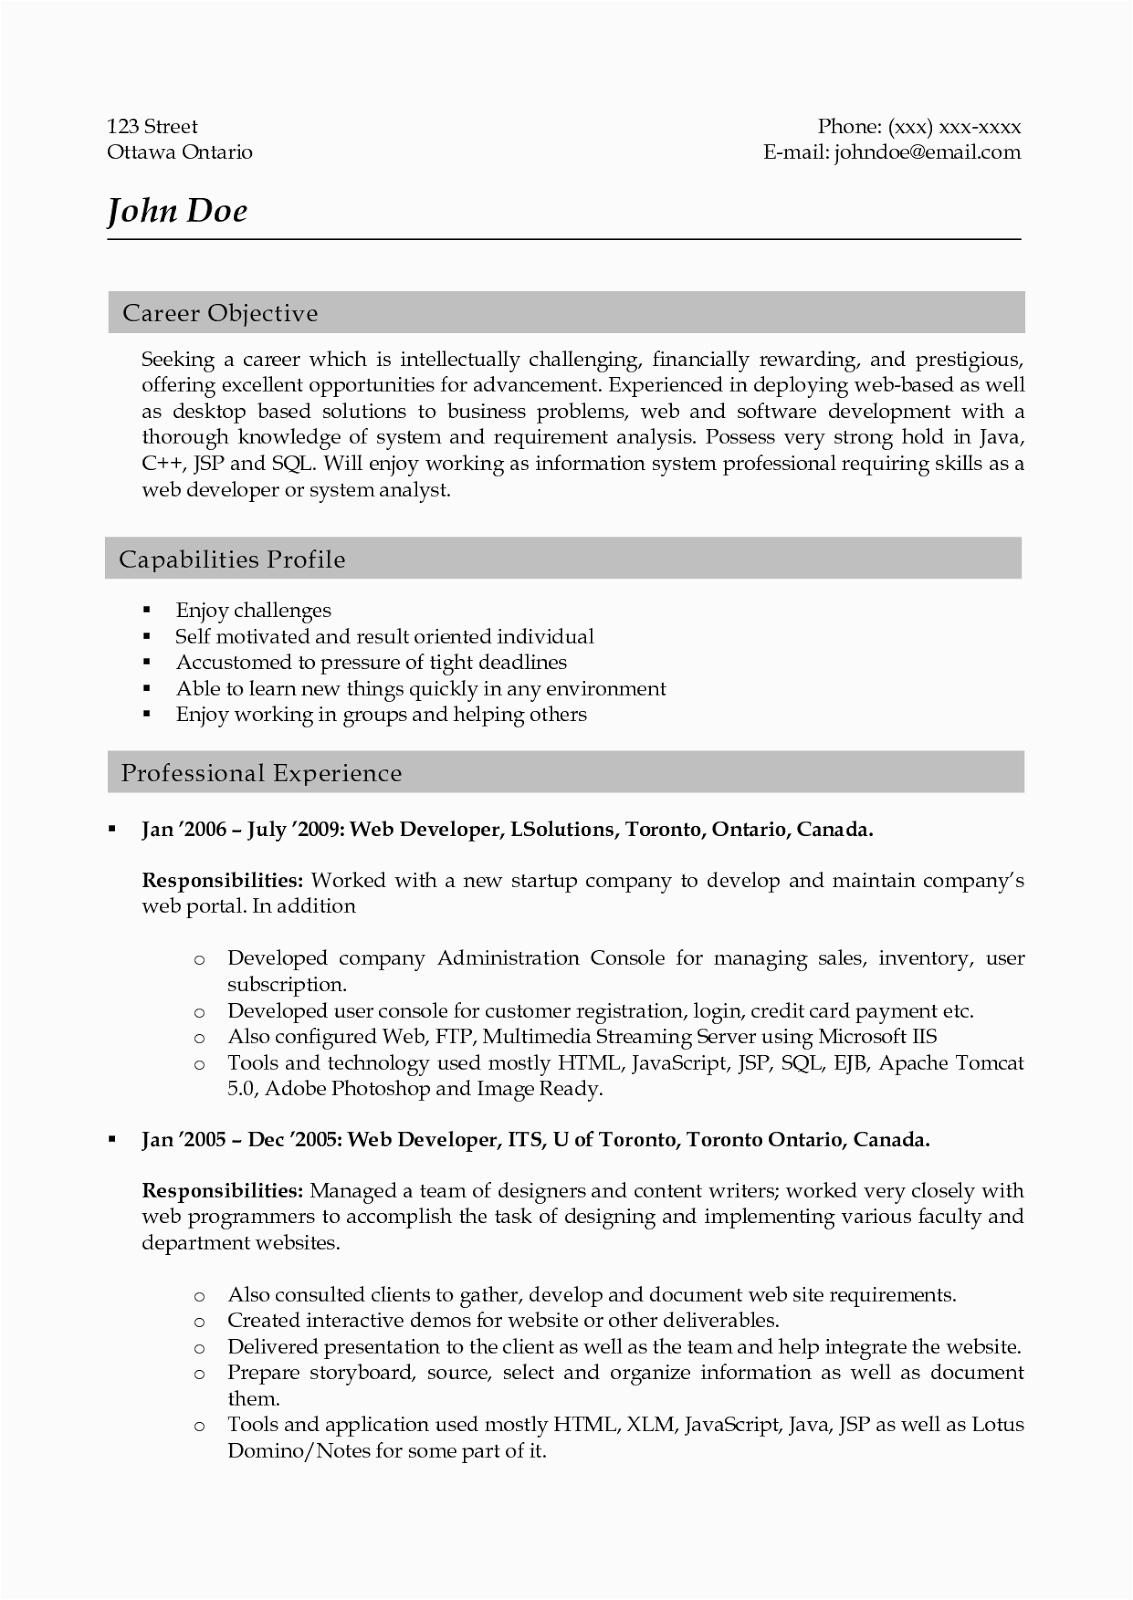 sample resume for web designer 5